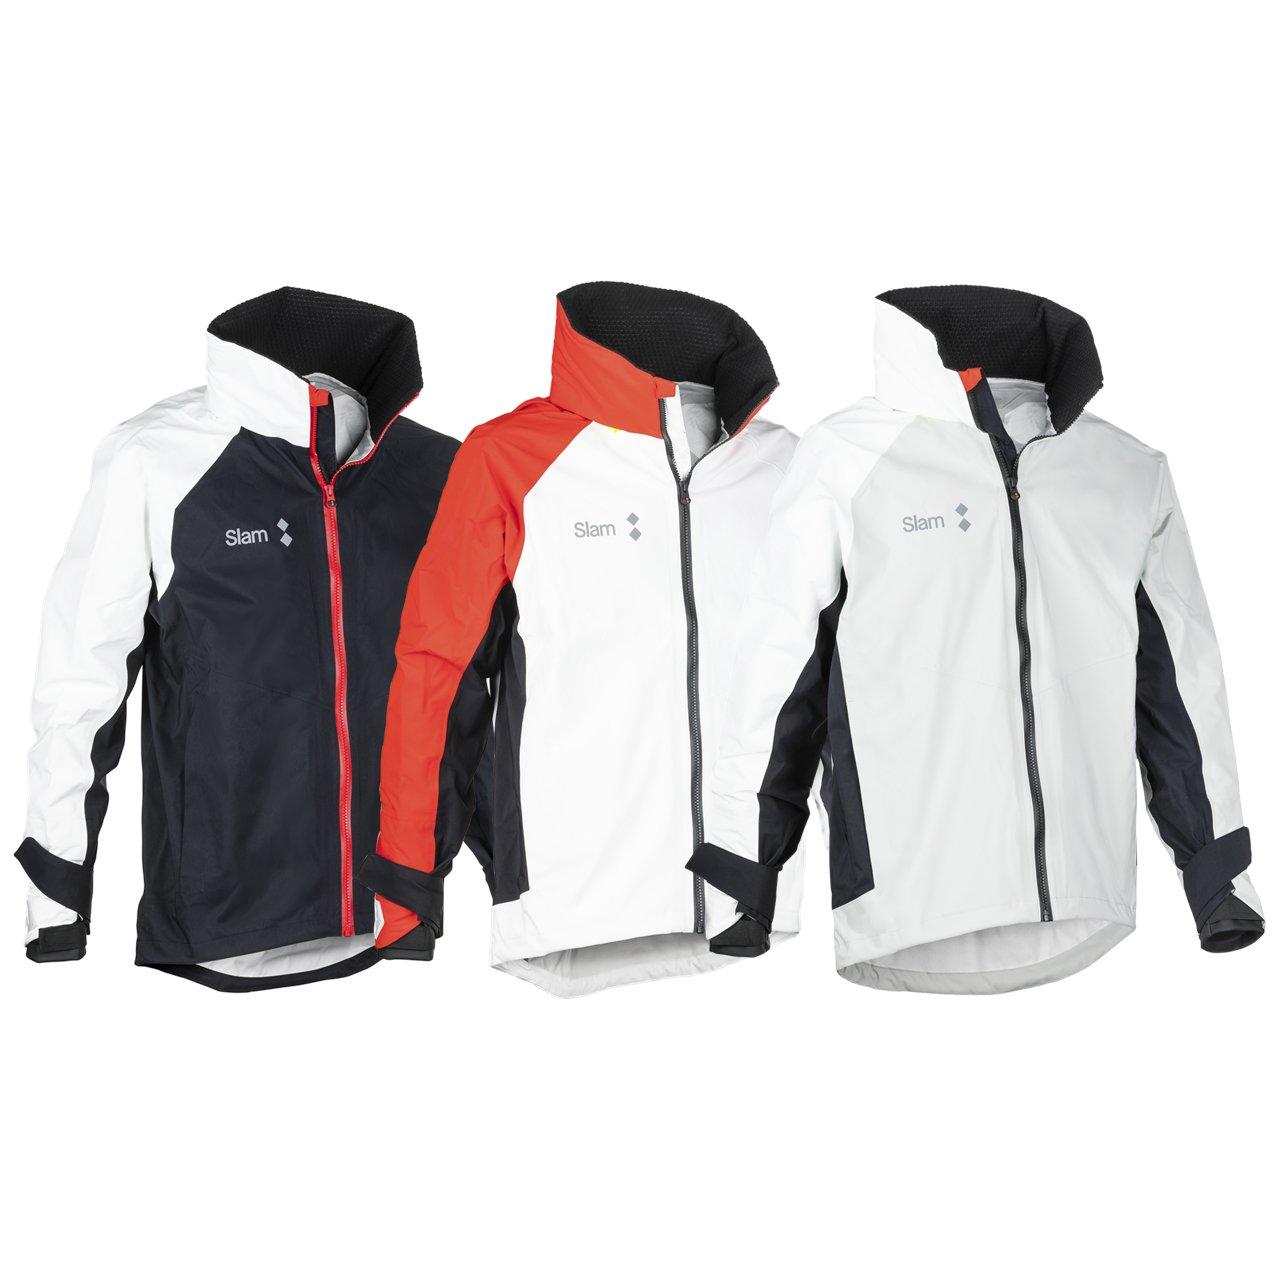 3 chaquetas técnicas de hombre pensadas para las regatas (¡y más afinidades!)